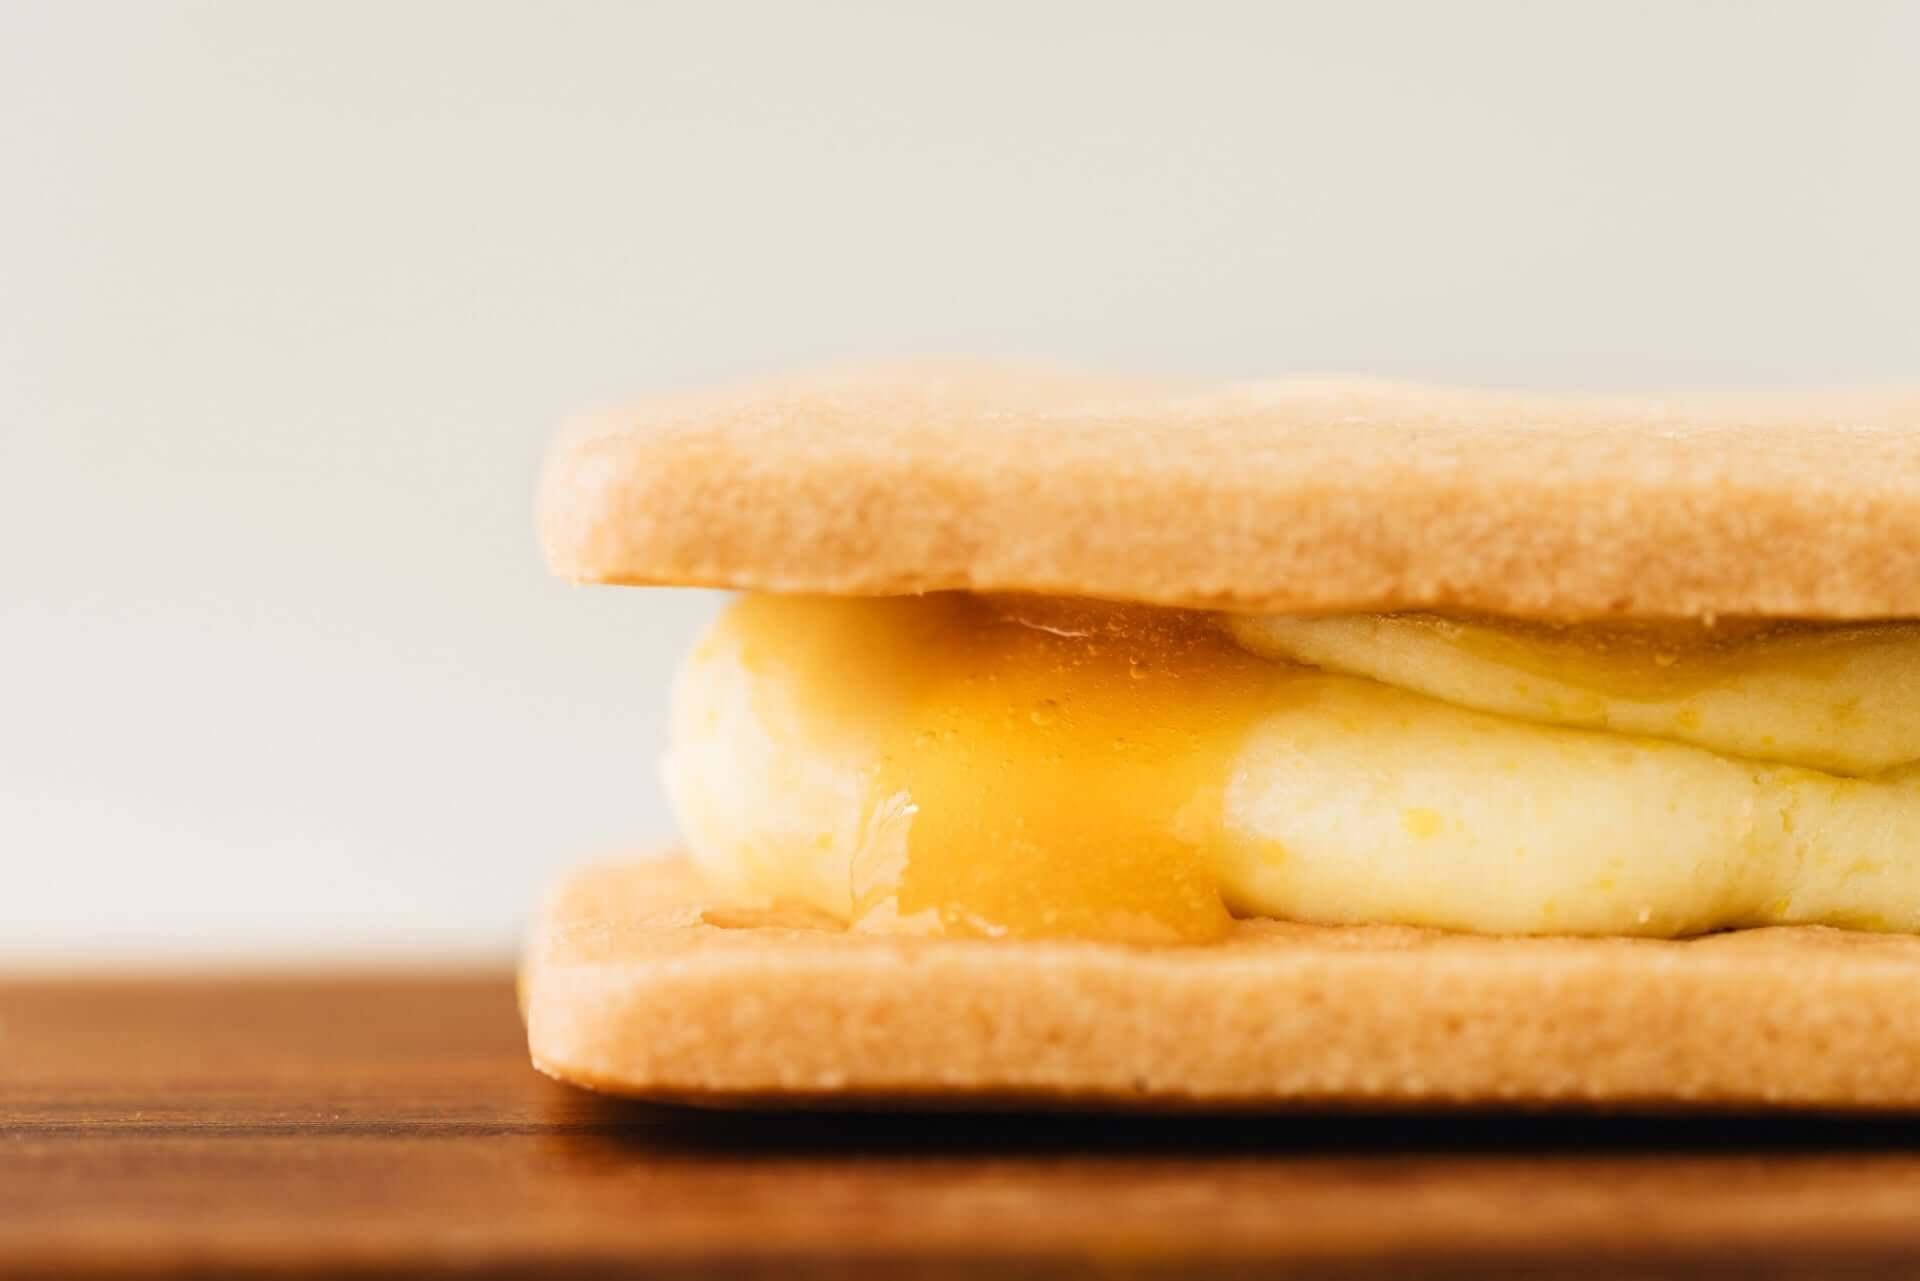 椎葉屋の大人気スイーツ『宮崎バターサンド』にマンゴーを使用した新商品が登場!クラウドファンディングが目標の460%を達成 gourmet210120_miyazaki_mango_3-1920x1281